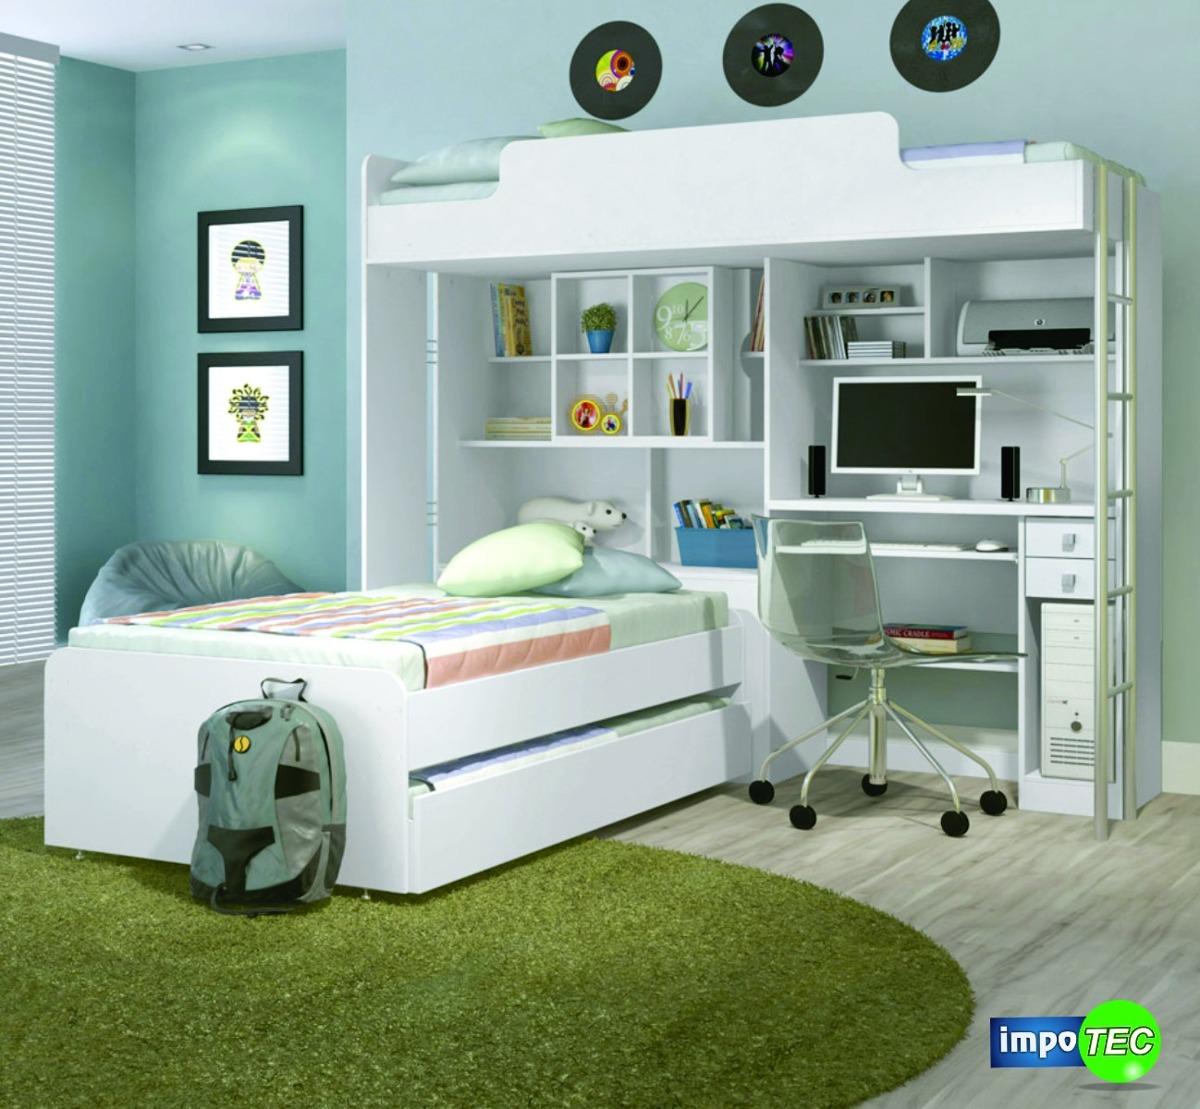 Cama escritorio 1 plaza con 2 camas auxiliares - Escritorio con cama ...